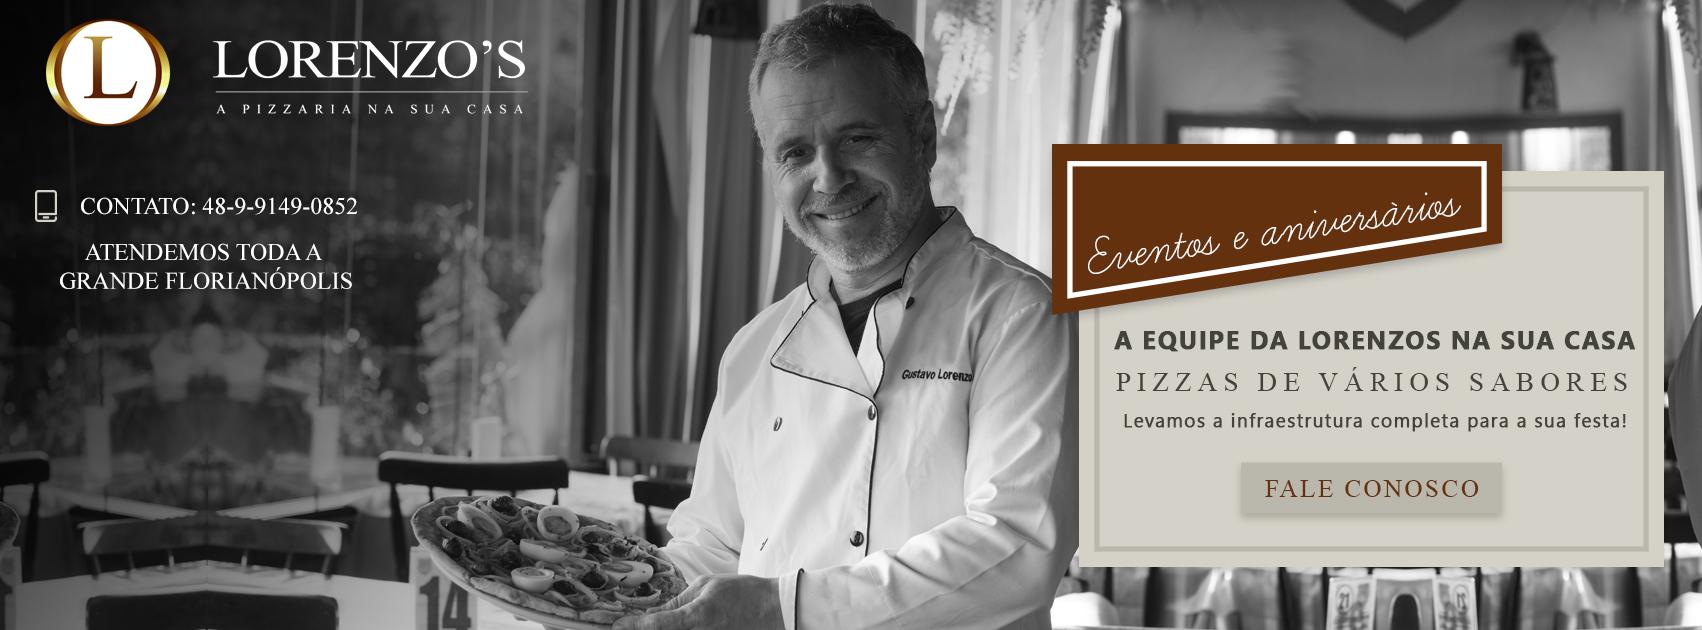 Pizzaria Lorenzo´s, a melhor e mais premiada da Grande Florianópolis.